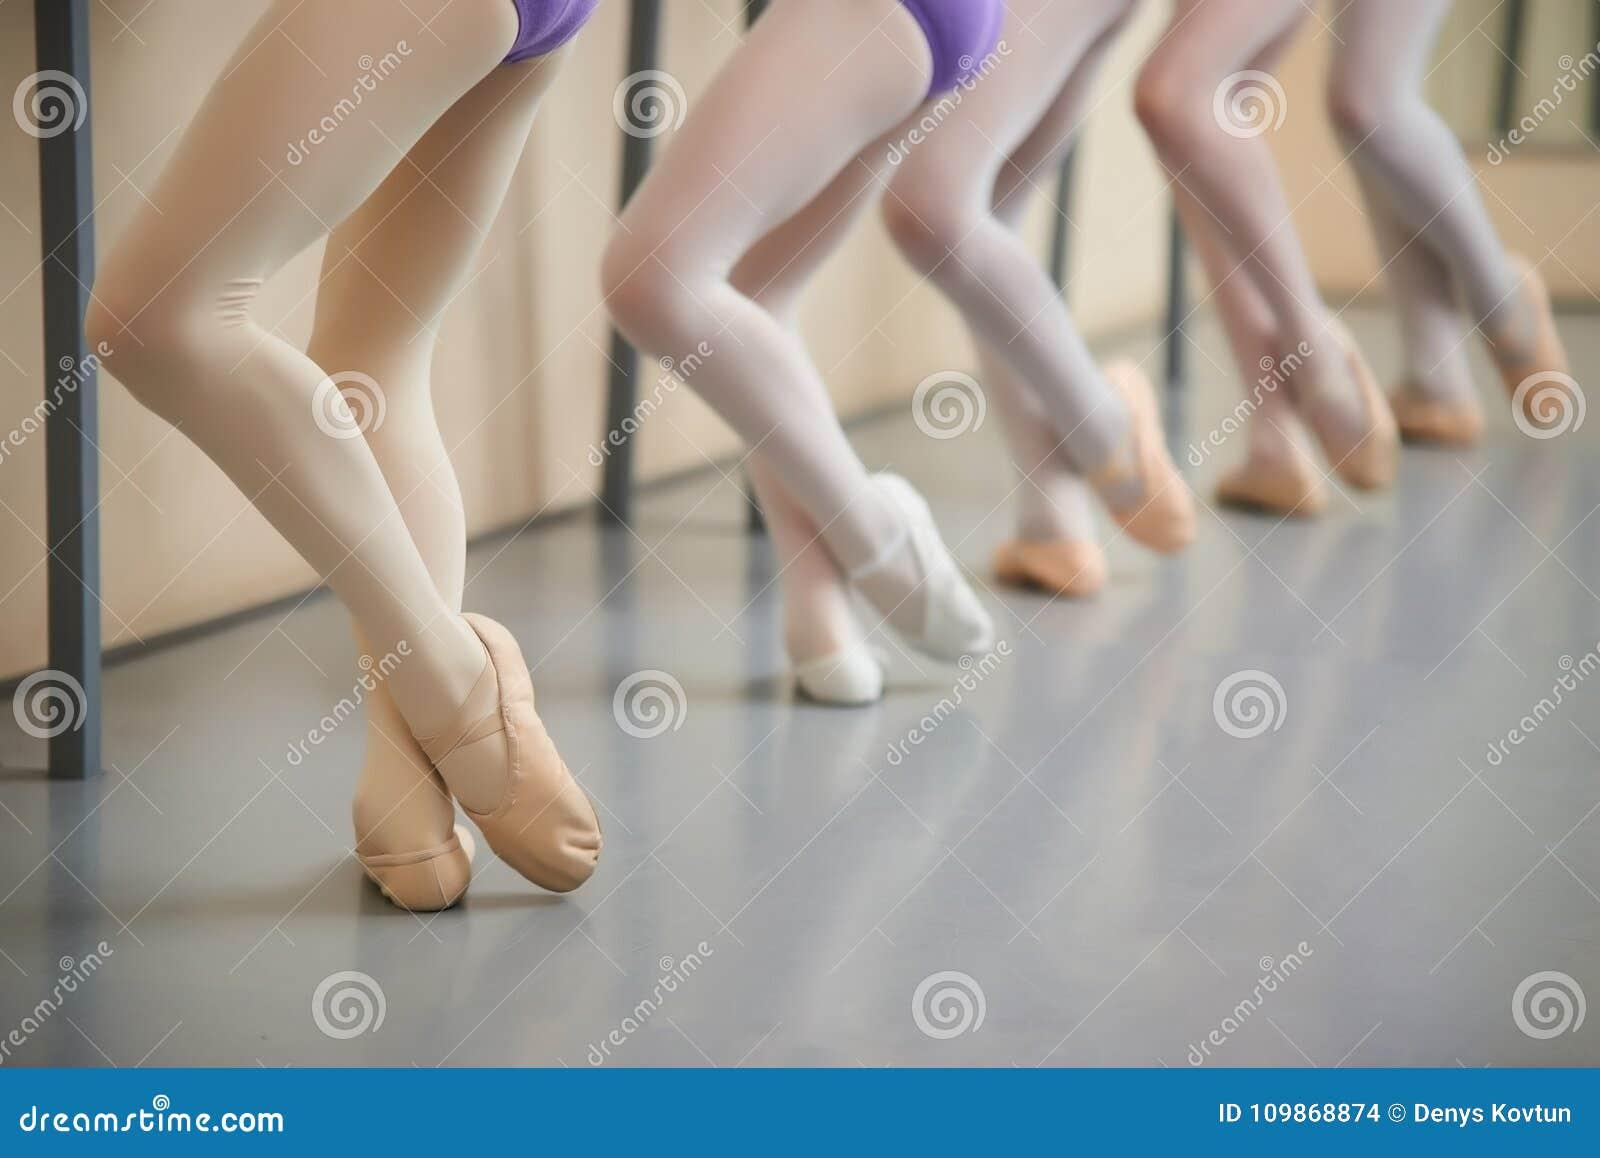 Ballerinautbildning på korridoren, kantjusterad bild